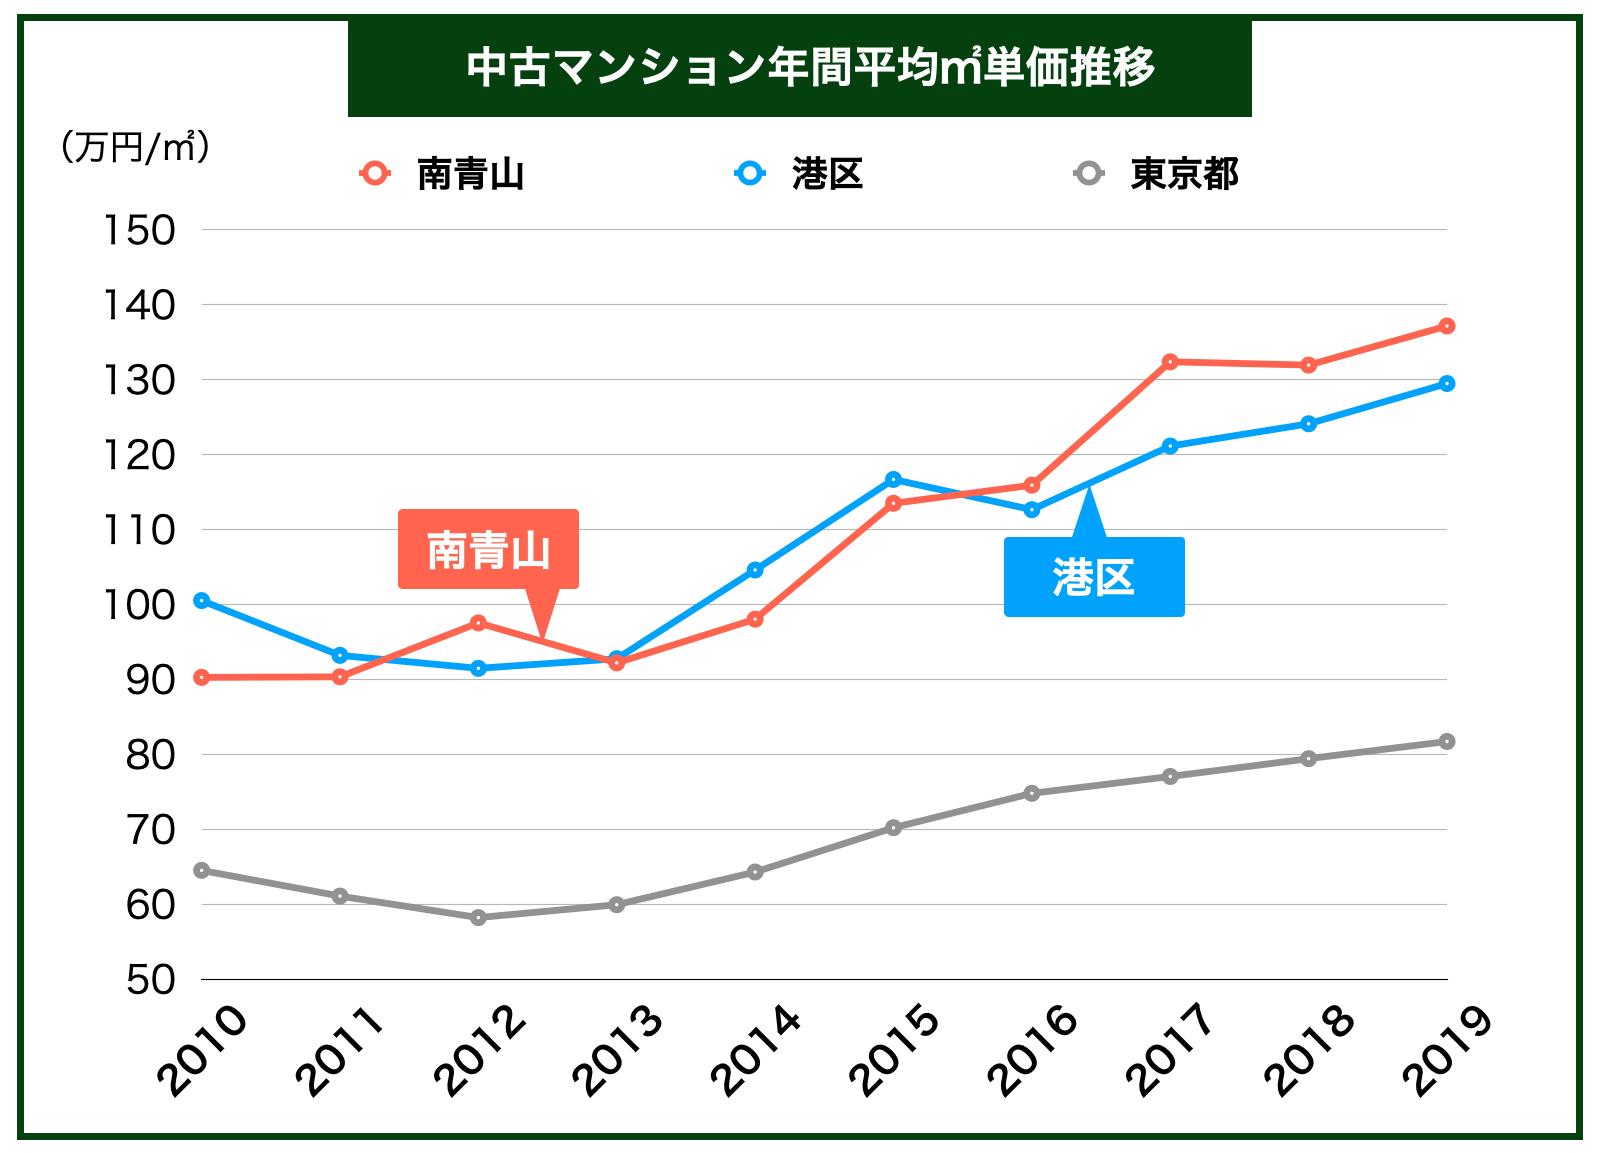 青山「中古マンション平均㎡単価推移」